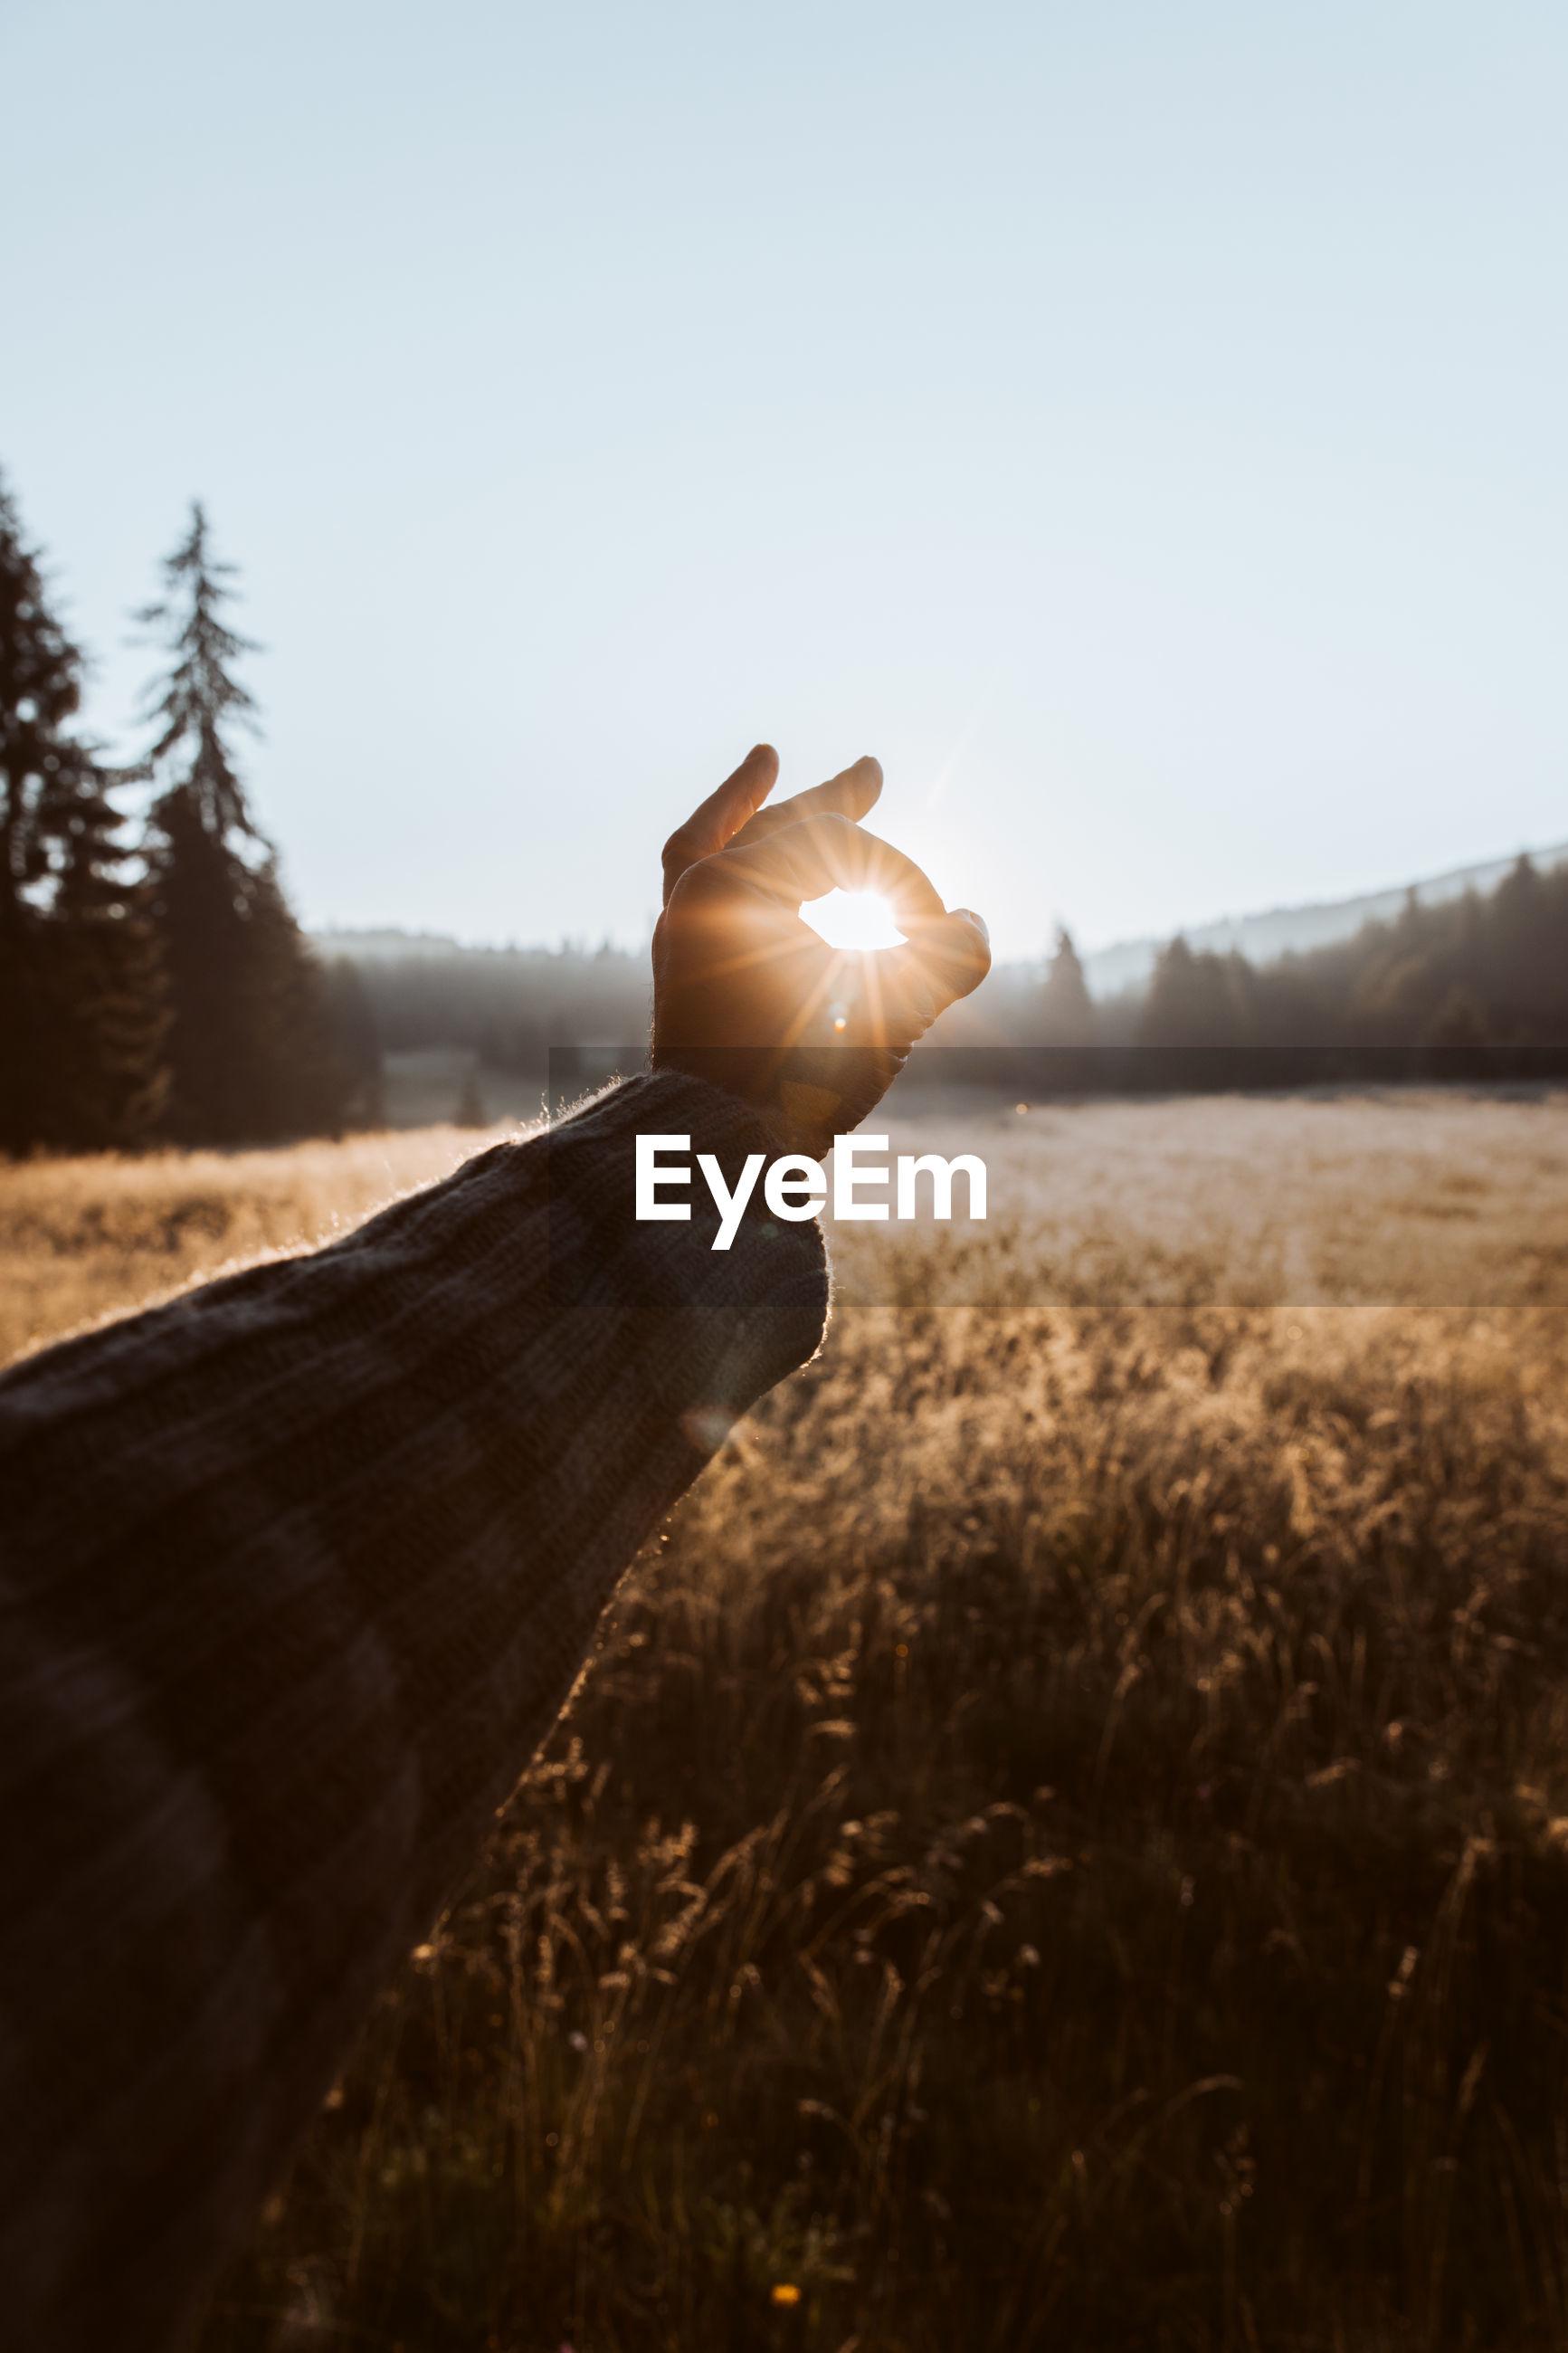 HUMAN HAND HOLDING SUN